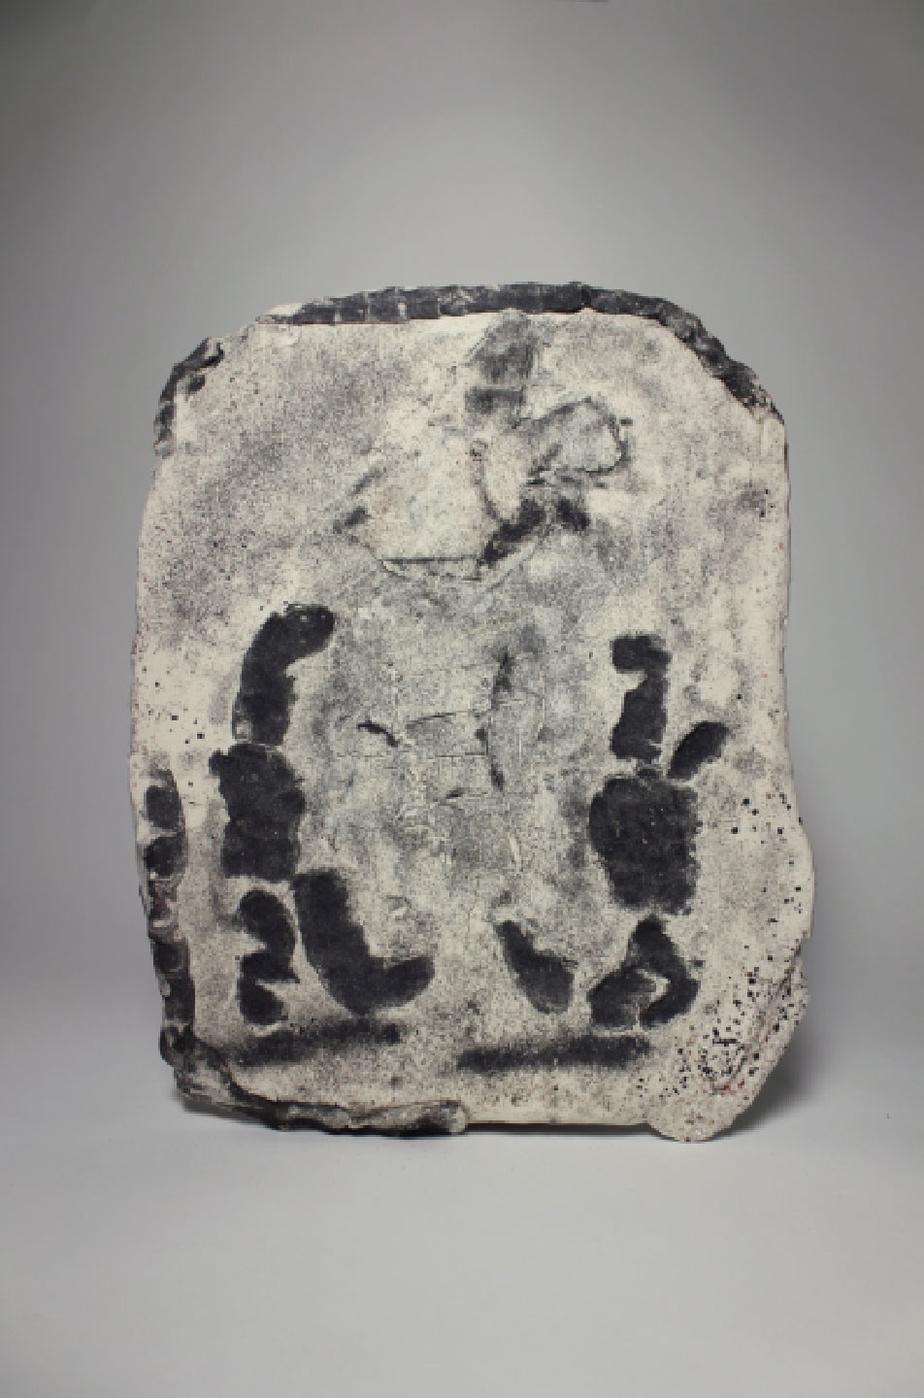 Laurence Veri, Distance entre deux figures, 2019. Porcelaine, chamotte, sable, ilménite.